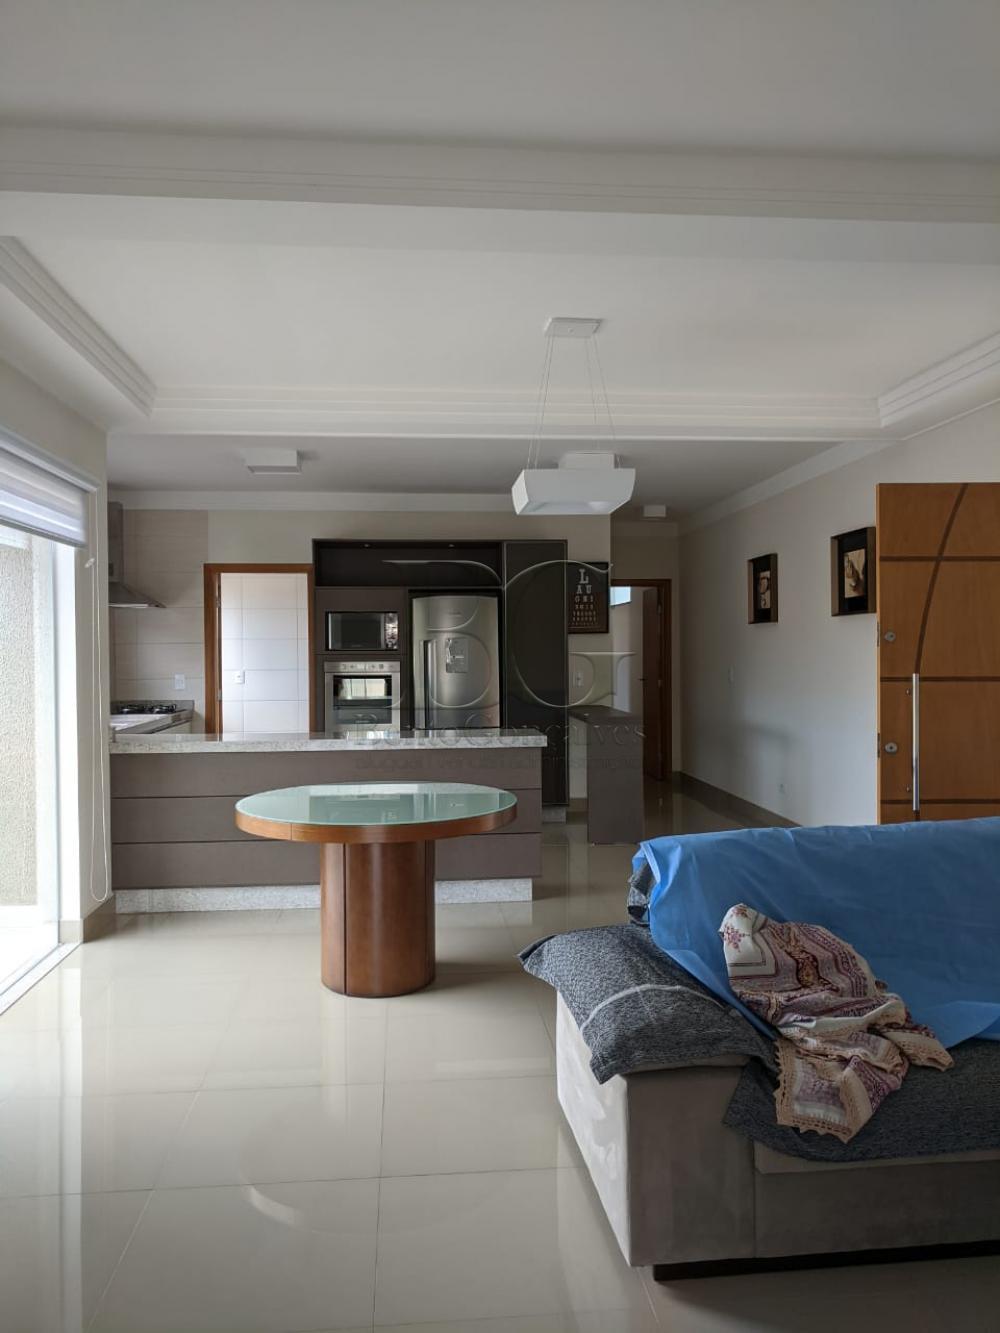 Comprar Apartamentos / Padrão em Poços de Caldas apenas R$ 670.000,00 - Foto 6